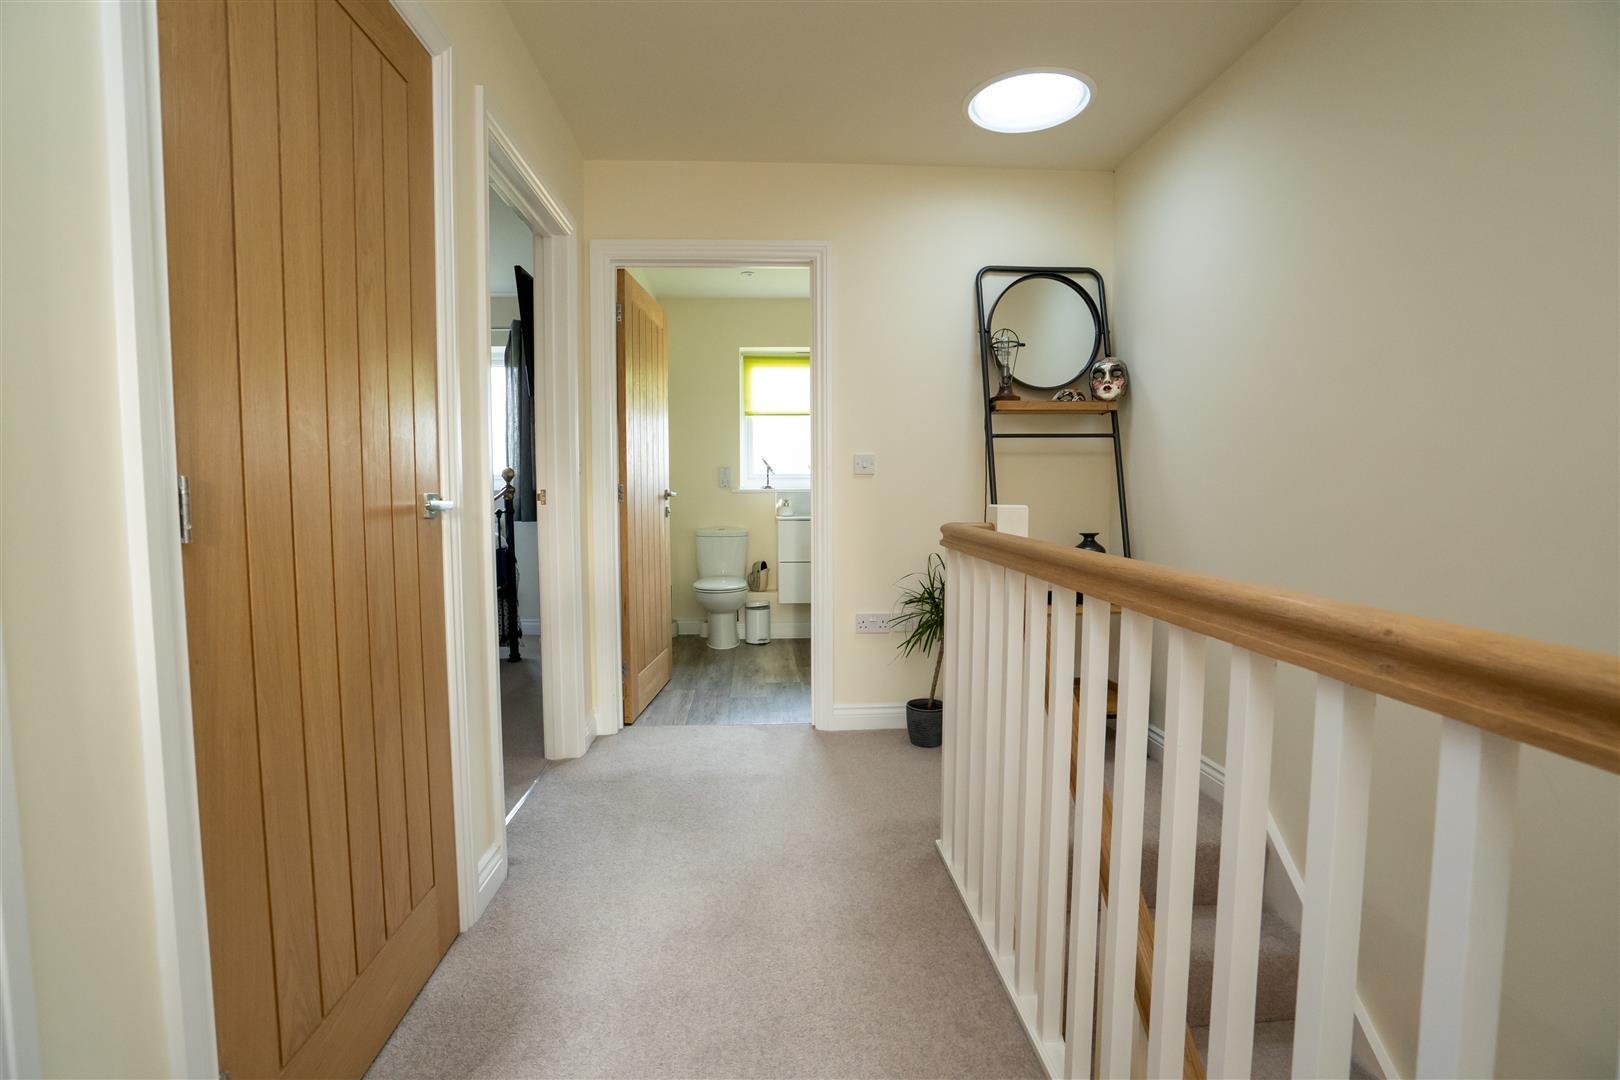 3 bed semi-detached for sale in Kingsland  - Property Image 11